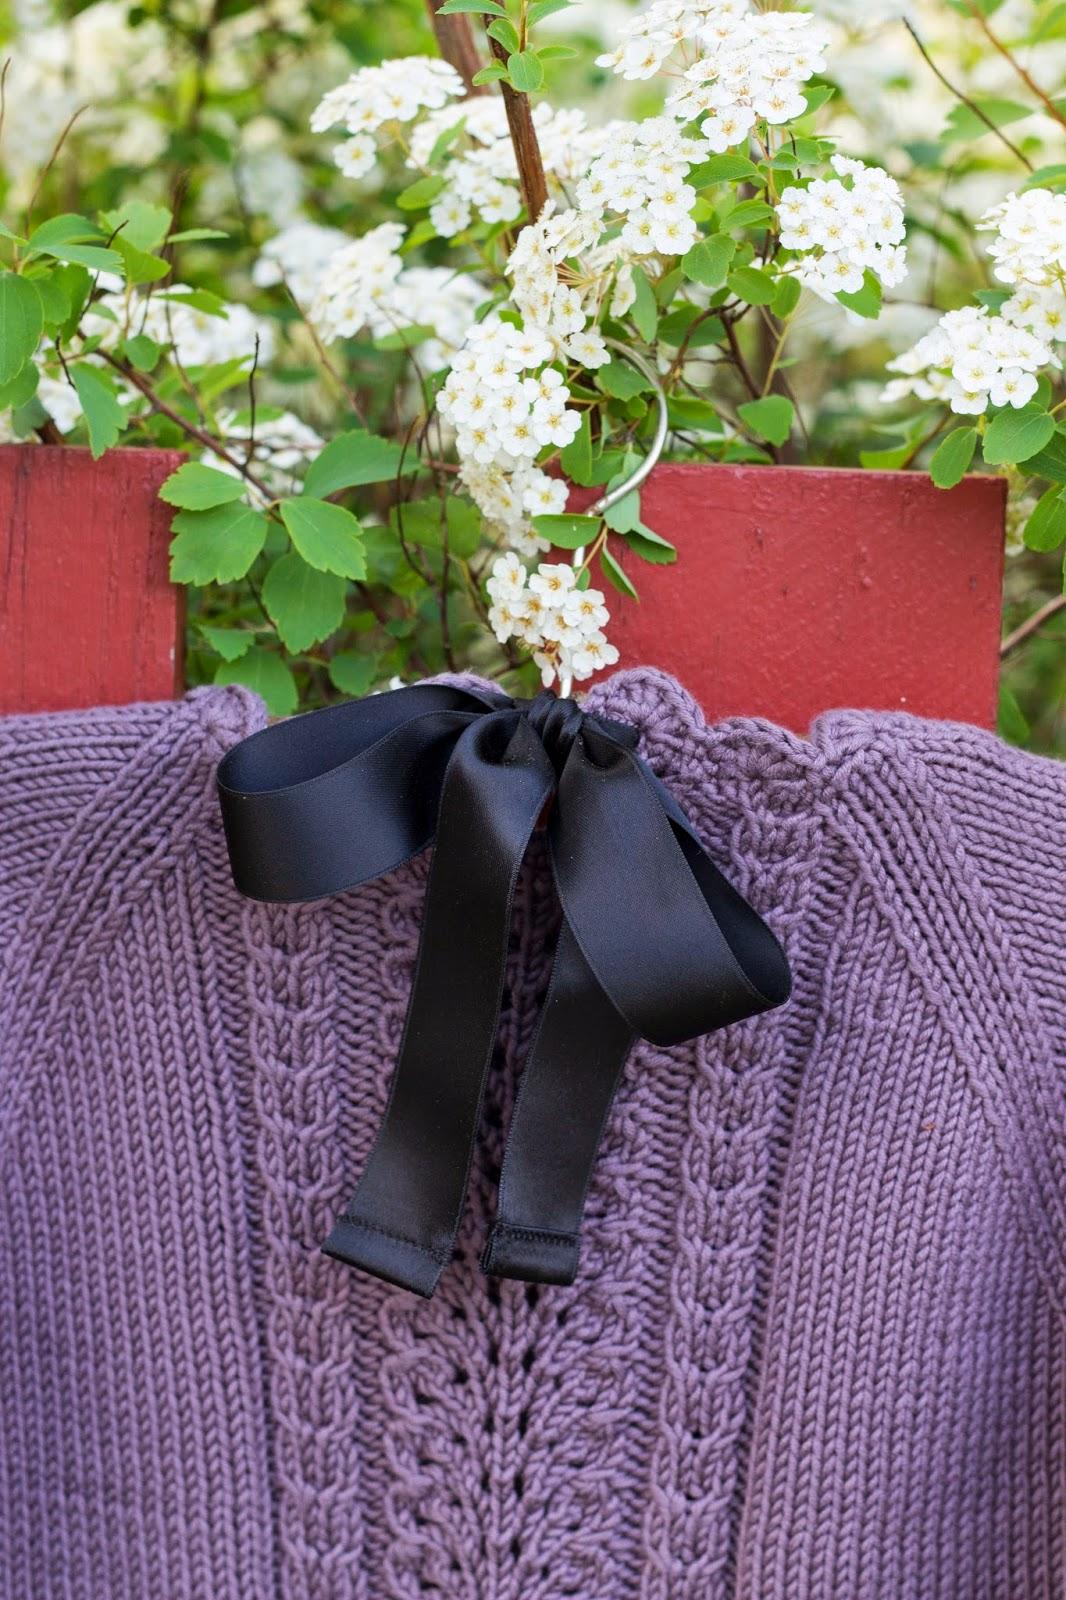 cd1ac269 Strikker man den i ull får man en fin pyntet og varm genser til kaldere  dager. Nå skal jeg strikke en variant i Dale Lerke (ull/bomull) og jeg  skriver ...